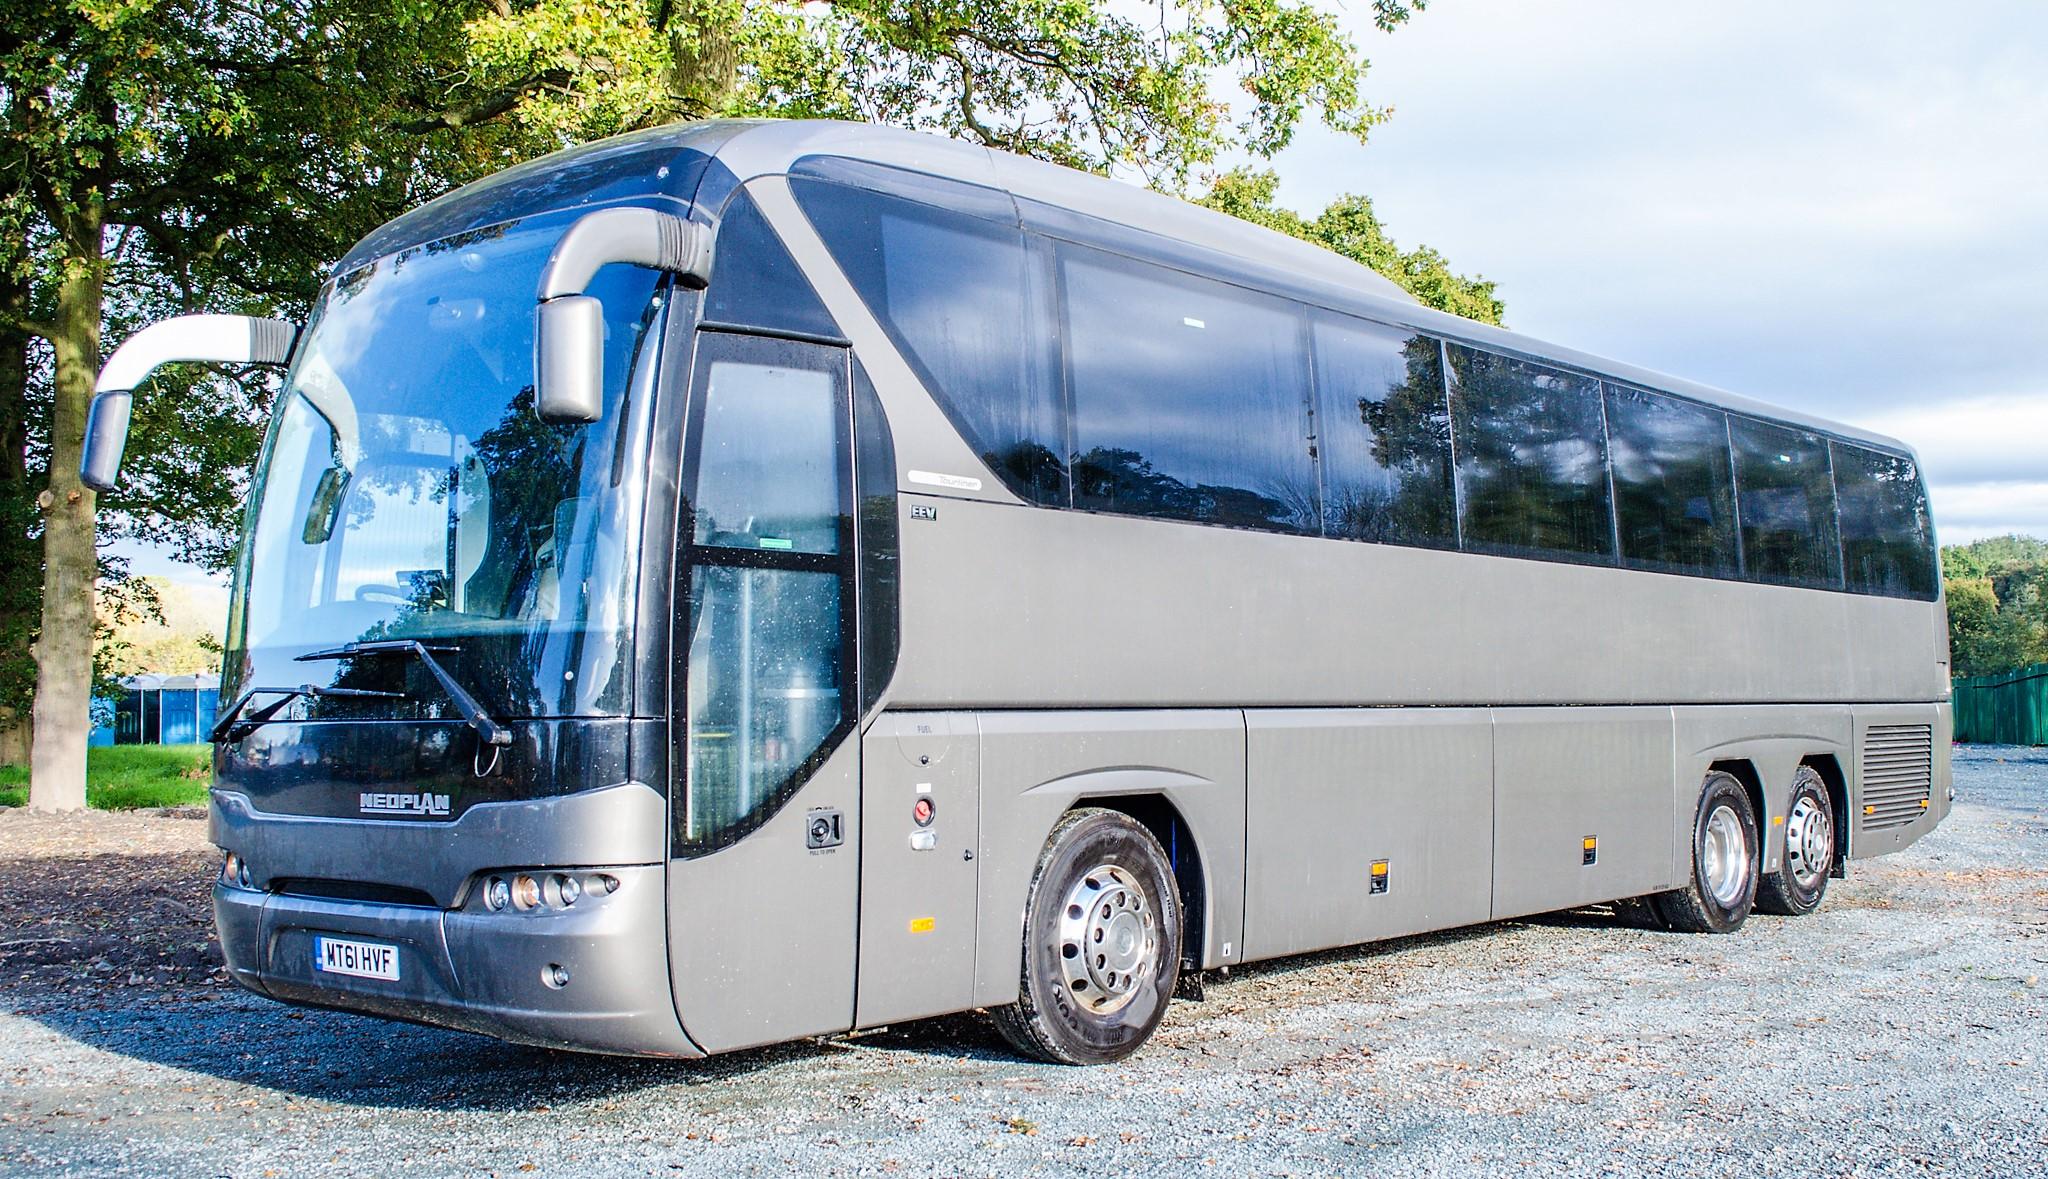 MAN Neoplan Tourliner 53 seat luxury coach Registration Number: MT61 HVF Date of Registration: 01/